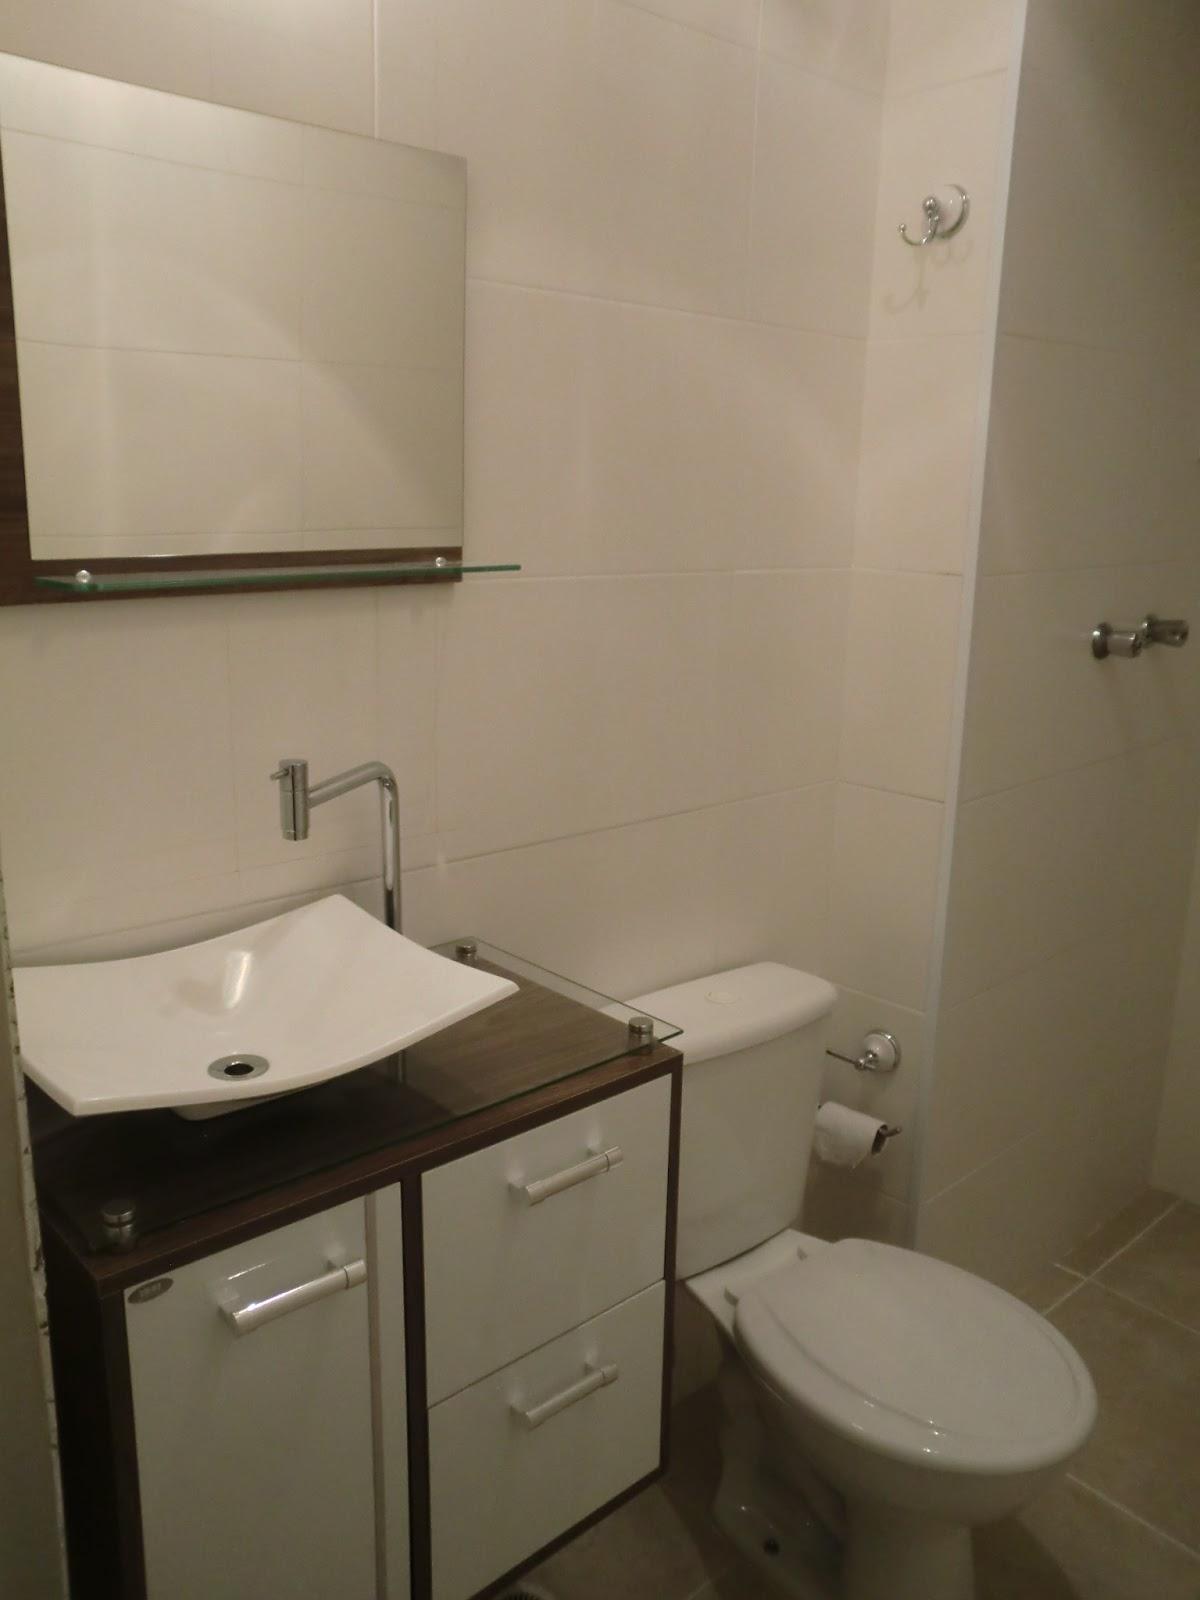 Imagens de #322B1D aqui o ator principal do banheiro o gabinete com tampo de vidro  1200x1600 px 3698 Banheiros Prontos Fotos